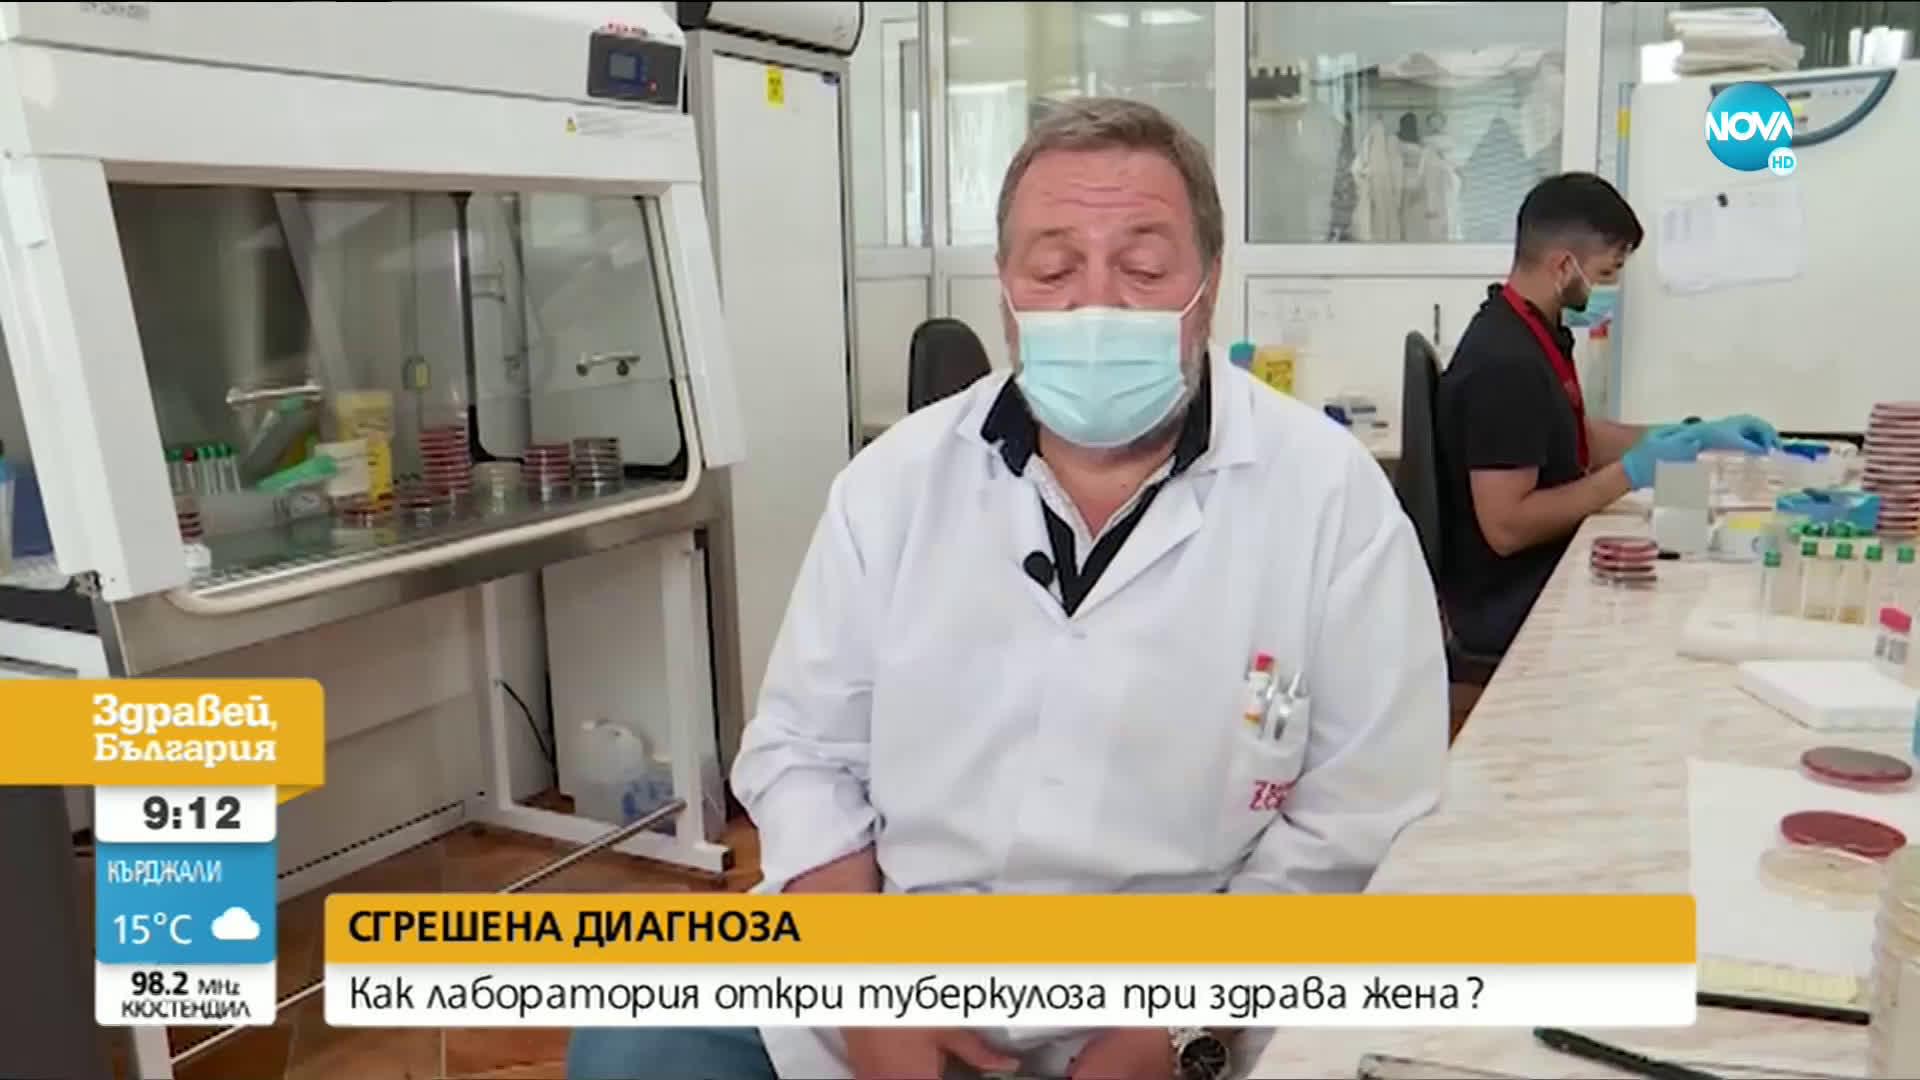 СГРЕШЕНА ДИАГНОЗА: Лаборатория откри туберкулоза при здрава жена